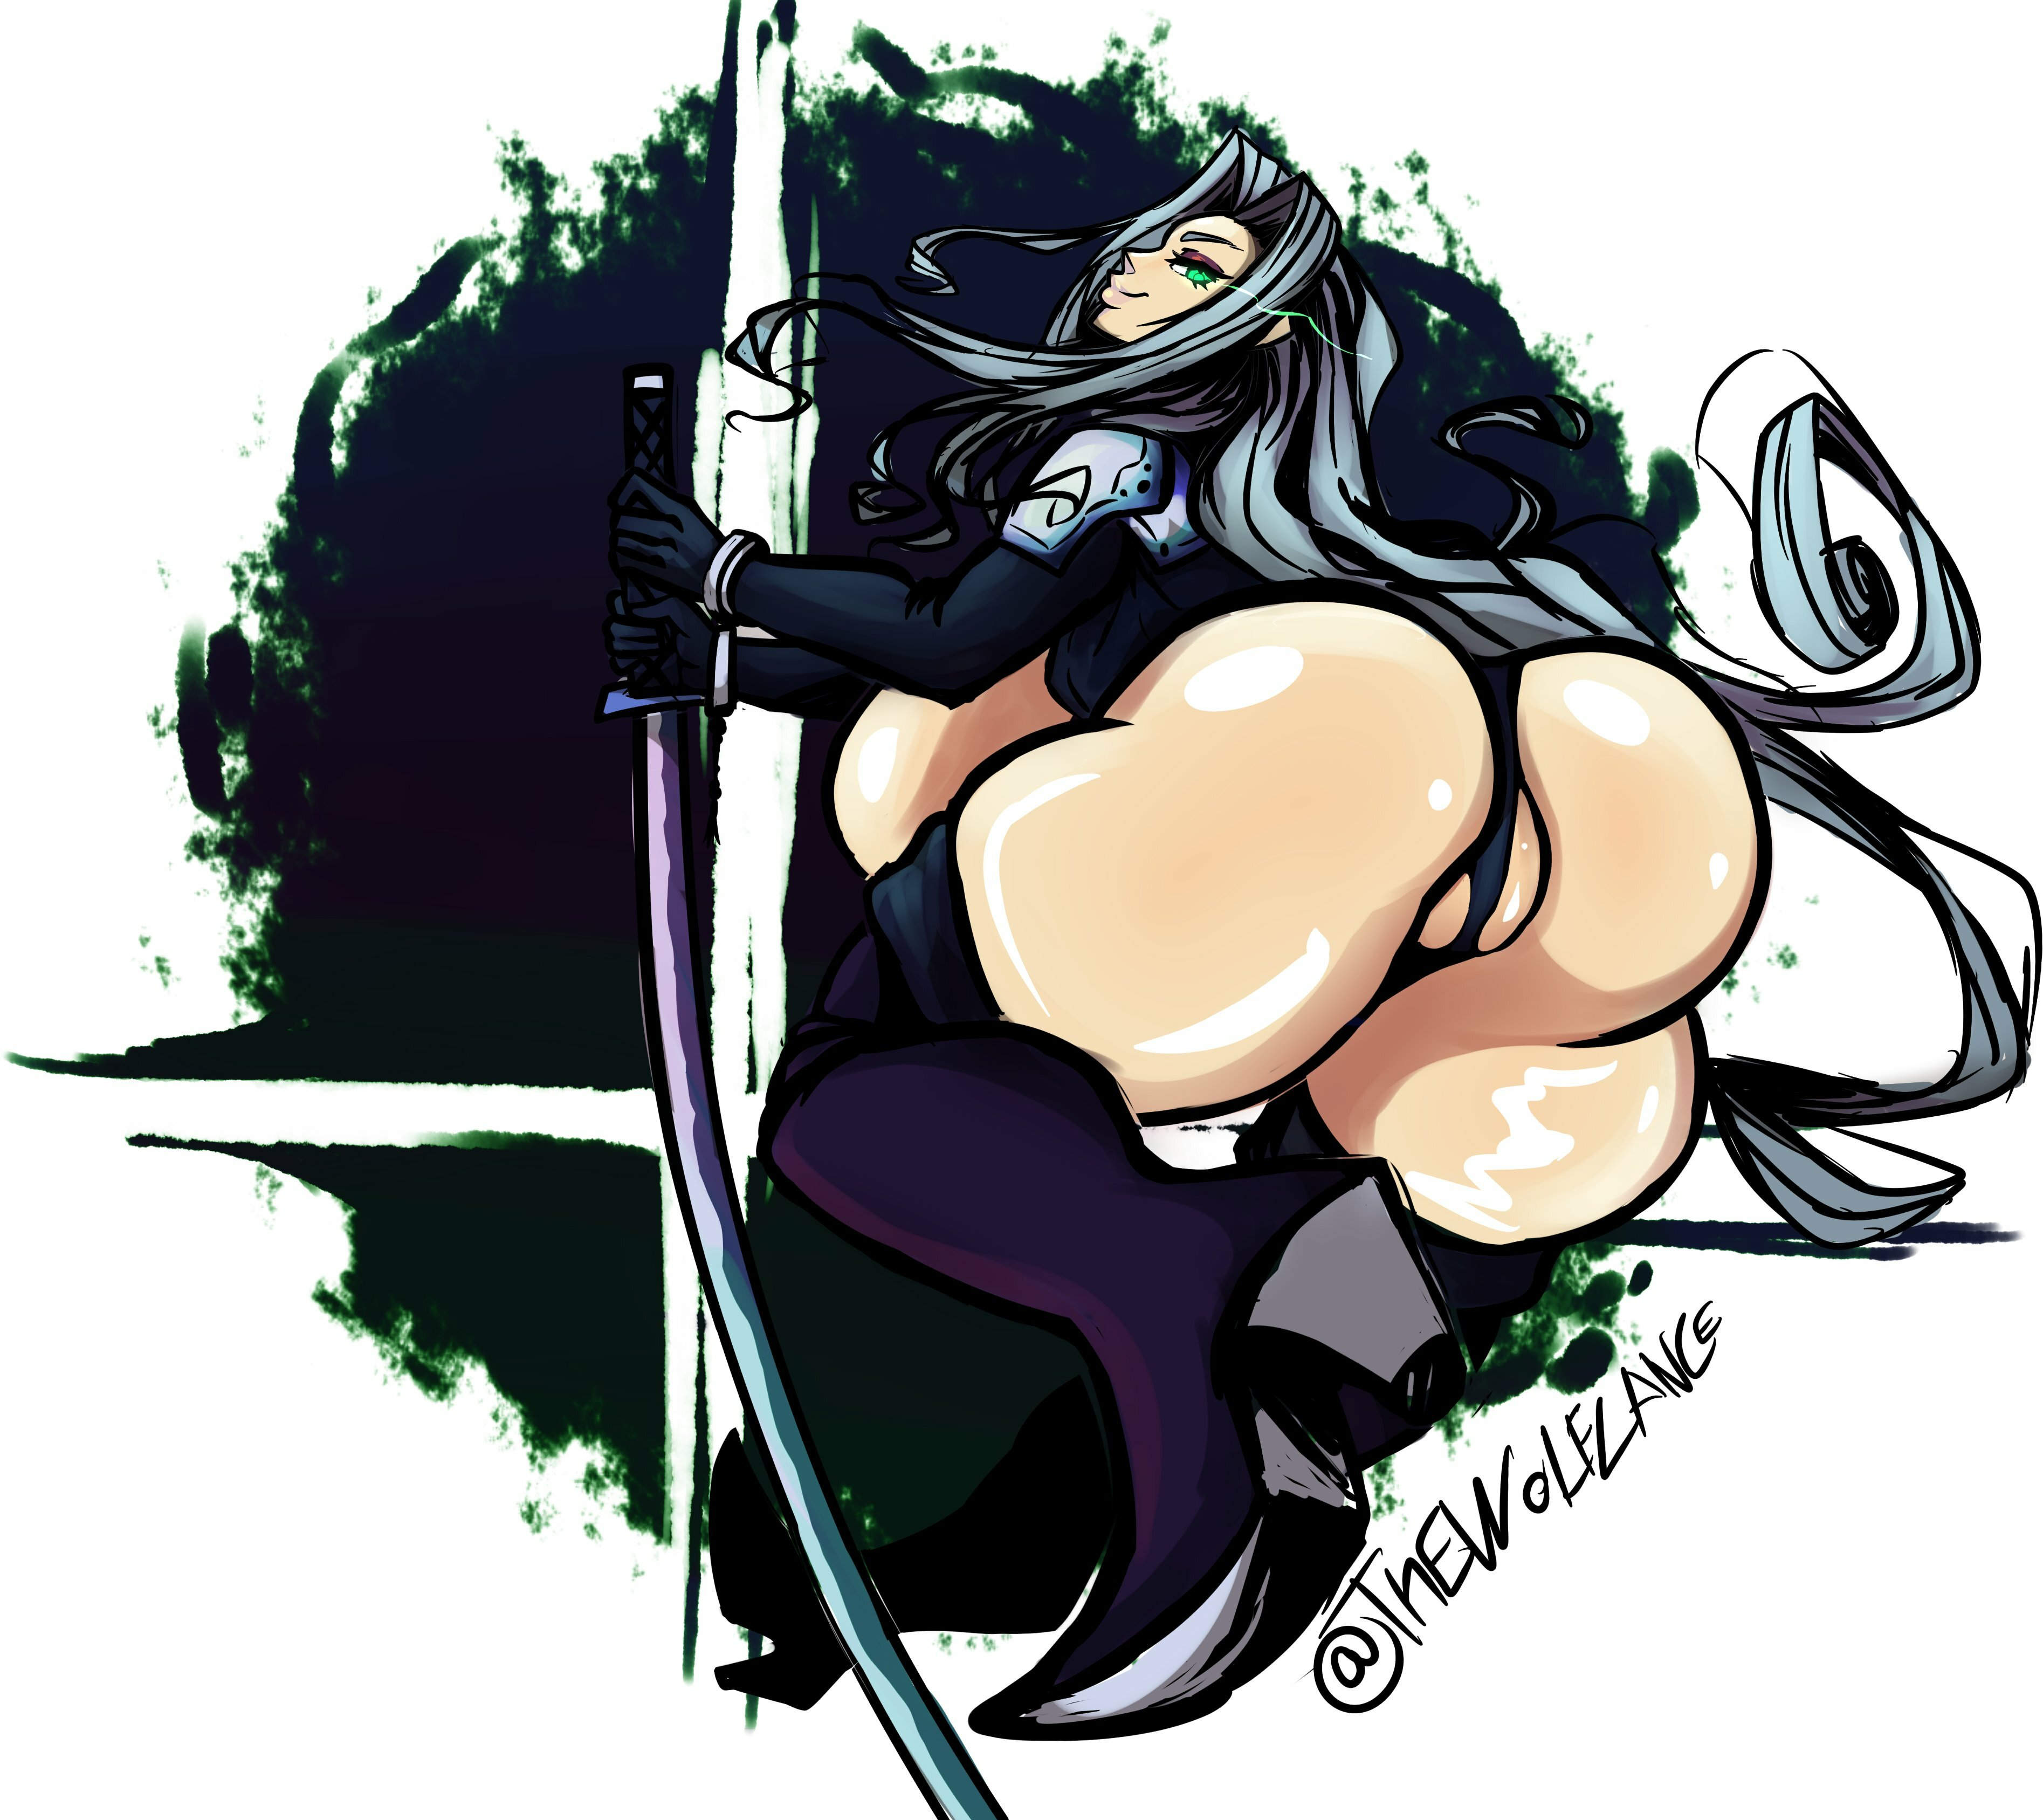 Sephiroth wants to Smash